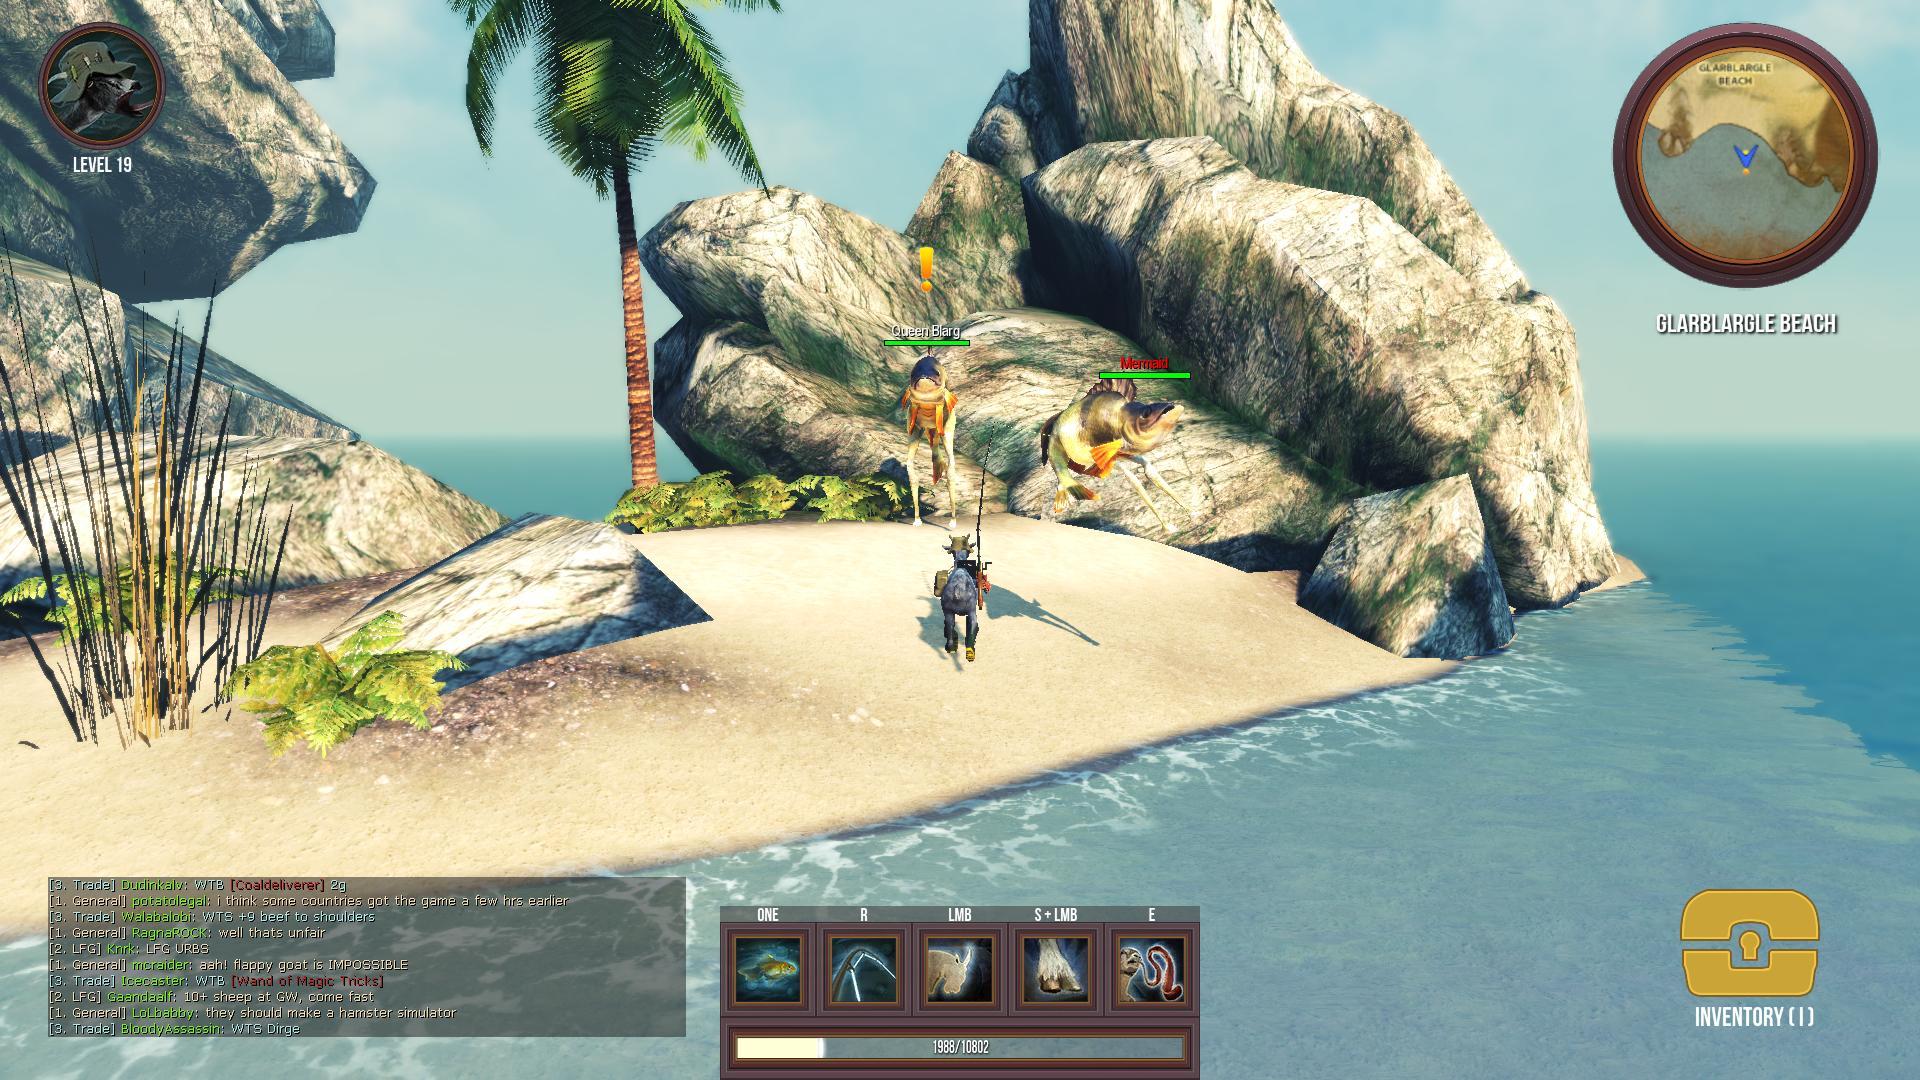 Goat MMO Simulator Glarblargle Beach